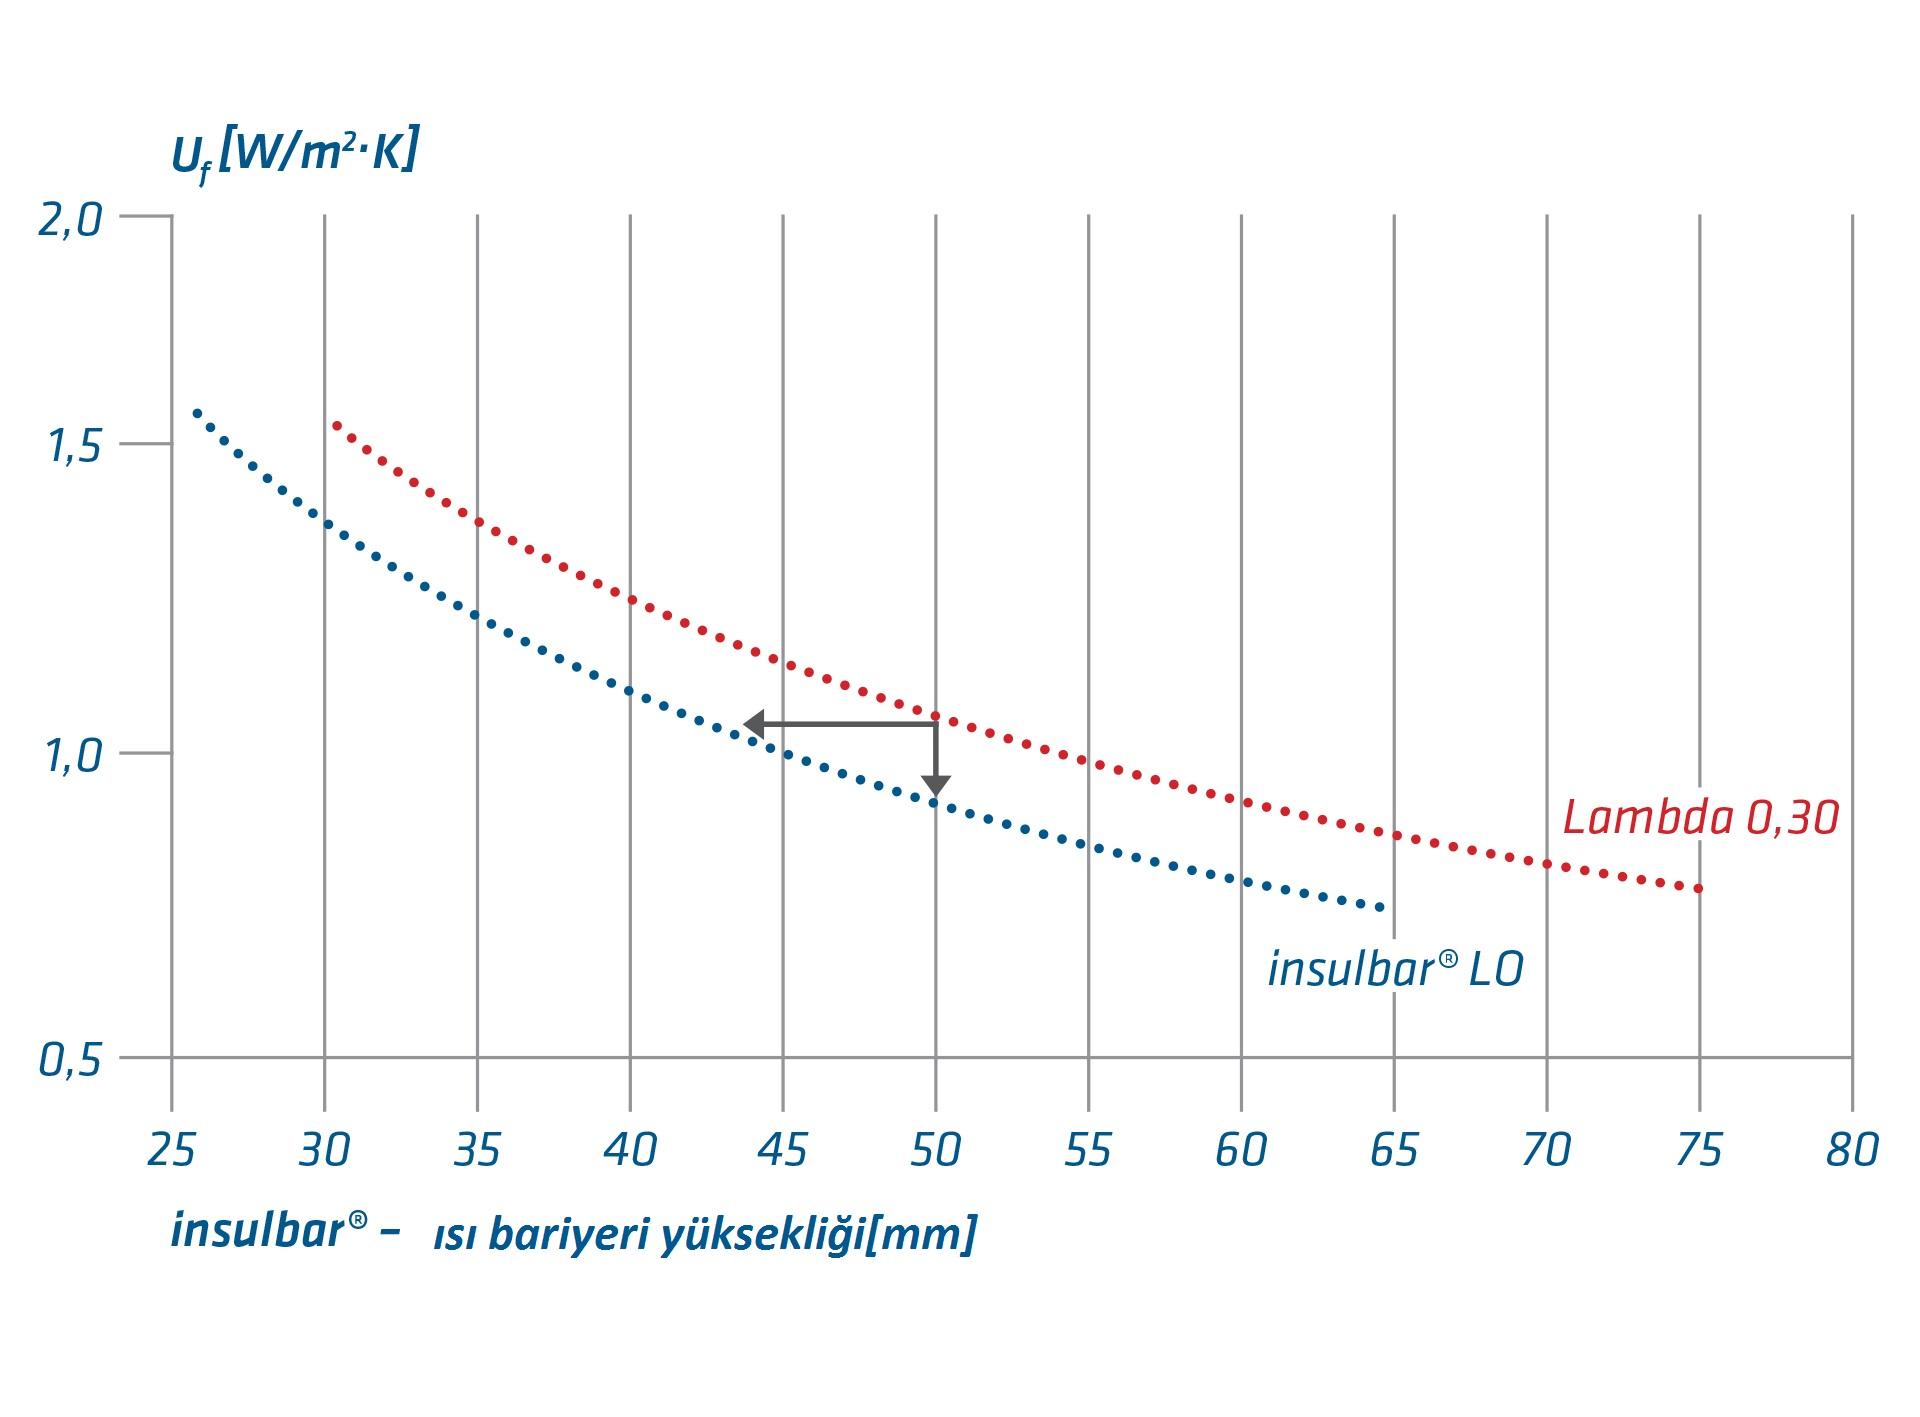 insulbar lo standart bariyer lambda karşılaştırması